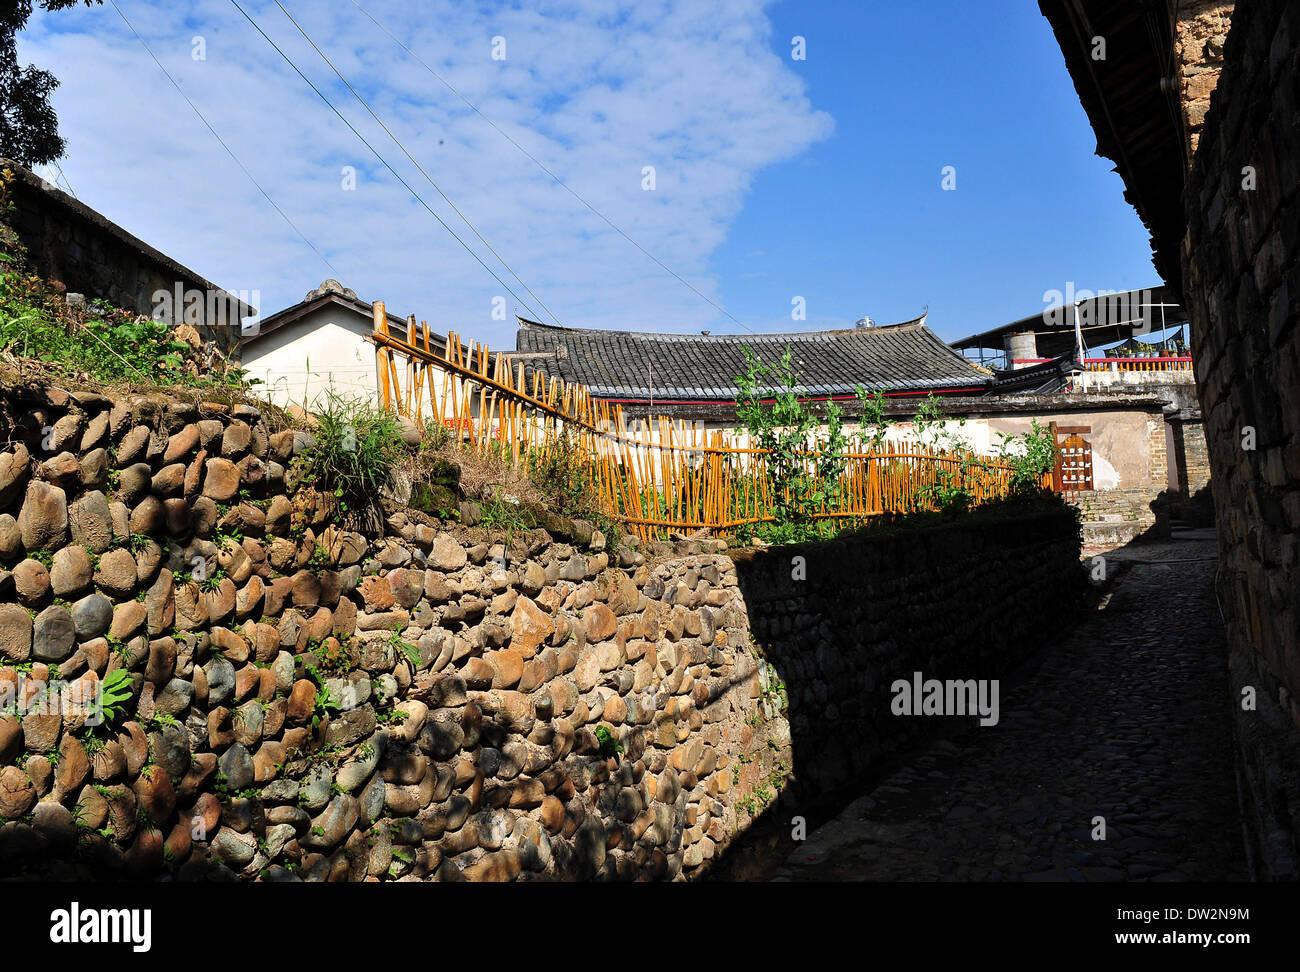 Guangzhou. 23. Februar 2014. Foto am 23. Februar 2014 zeigt ein altes Dorf in Baihou Stadt in der südchinesischen Provinz Guangdong Dabu County Meizhou Stadt. Entwicklung des Tourismus und Stärkung der Infrastrukturbau machen Industrie und Umwelt in den letzten Jahren in ländlichen Gebieten von Meizhou Stadt harmonisch nebeneinander existieren. © Lu Hanxin/Xinhua/Alamy Live-Nachrichten Stockbild